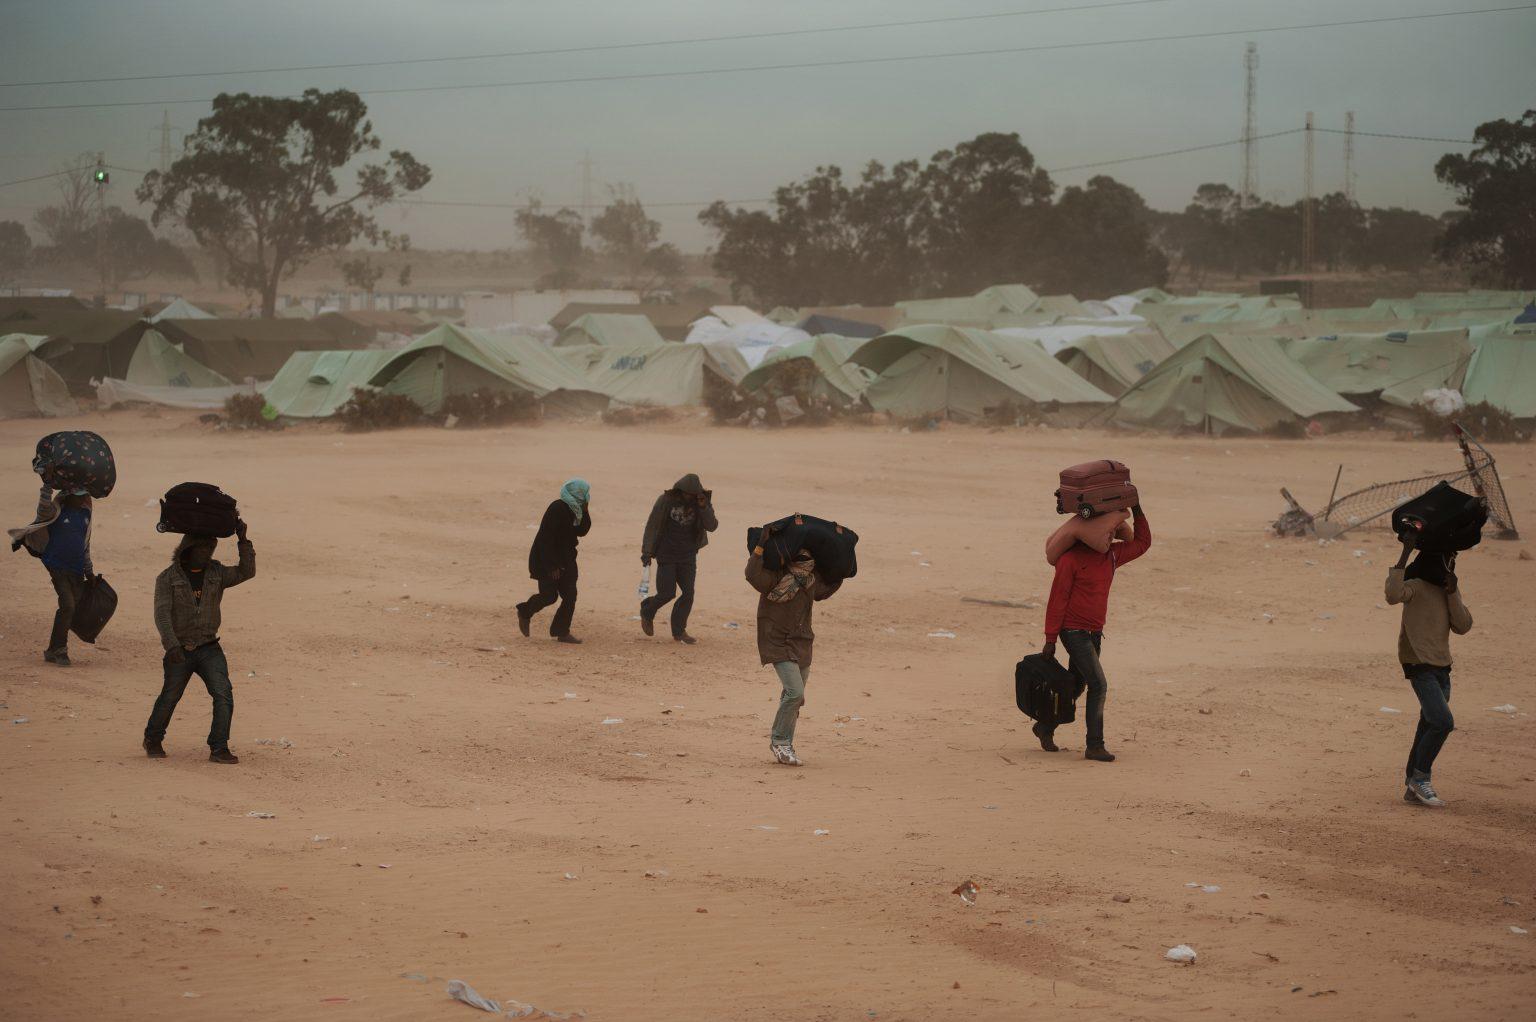 Ras Jedir, Tunisia, March 15th 2011 - Choucha refugee camp, built by the UNHCR during the civil war in Libya. Refugees fled by the civil war in Libya, just arrived at the camp. ><  Ras Agedir, Tunisia, 15 marzo 2011 - Il campo profughi di Choucha, costruito dall'UNHCR durante la guerra civile in Libia. Rifugiati in fuga dalla guerra civile libica, appena arrivati al campo